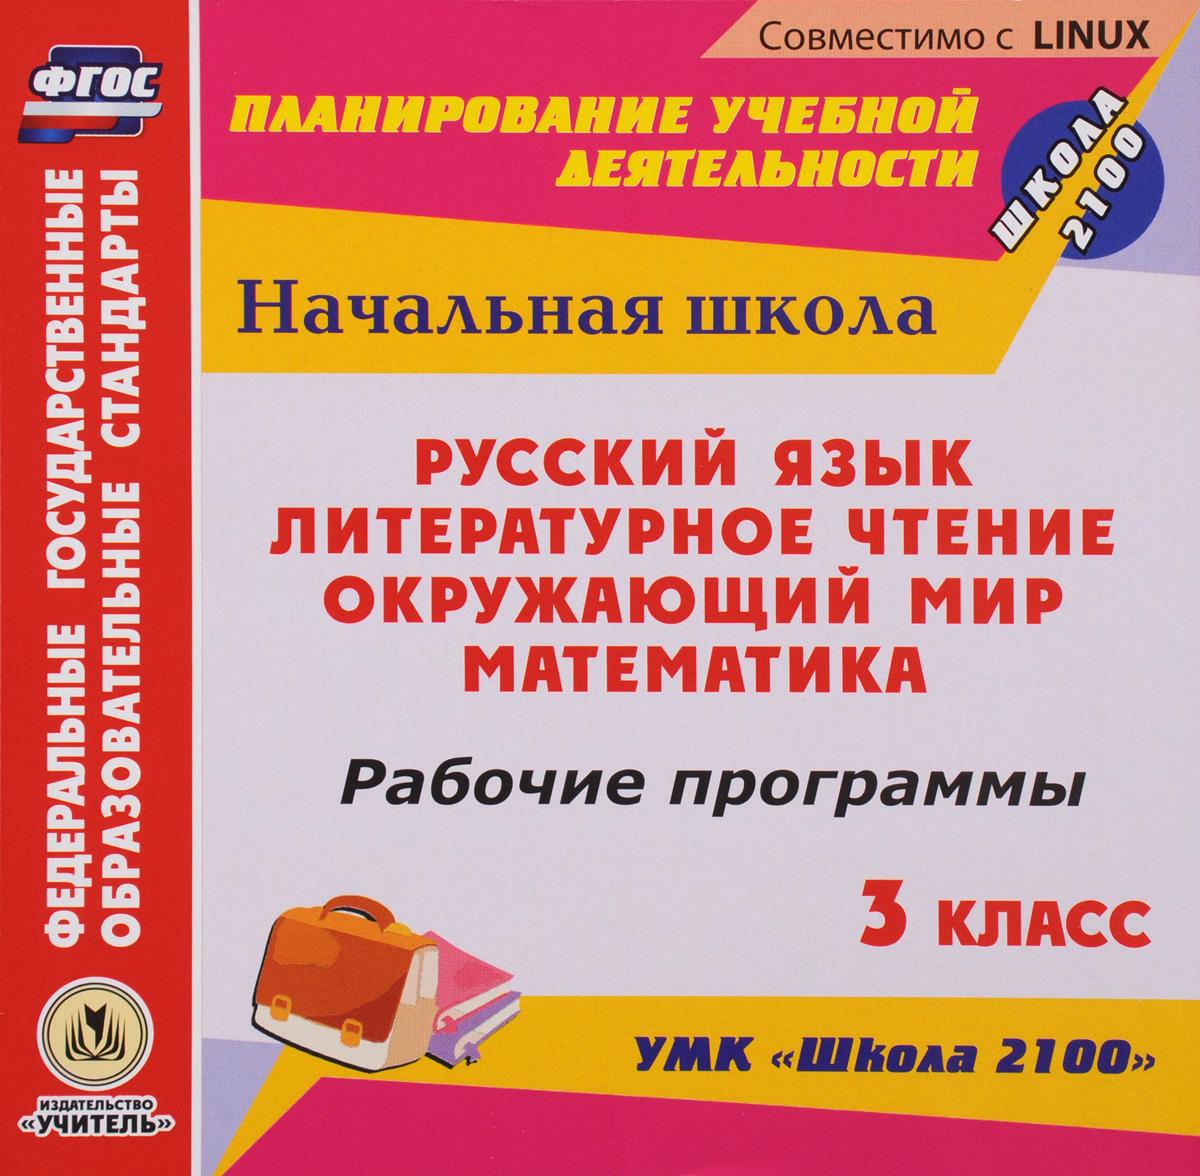 Рабочие программы к УМК Школа 2100. Русский язык. Литературное чтение. Математика. Окружающий мир. 3 класс